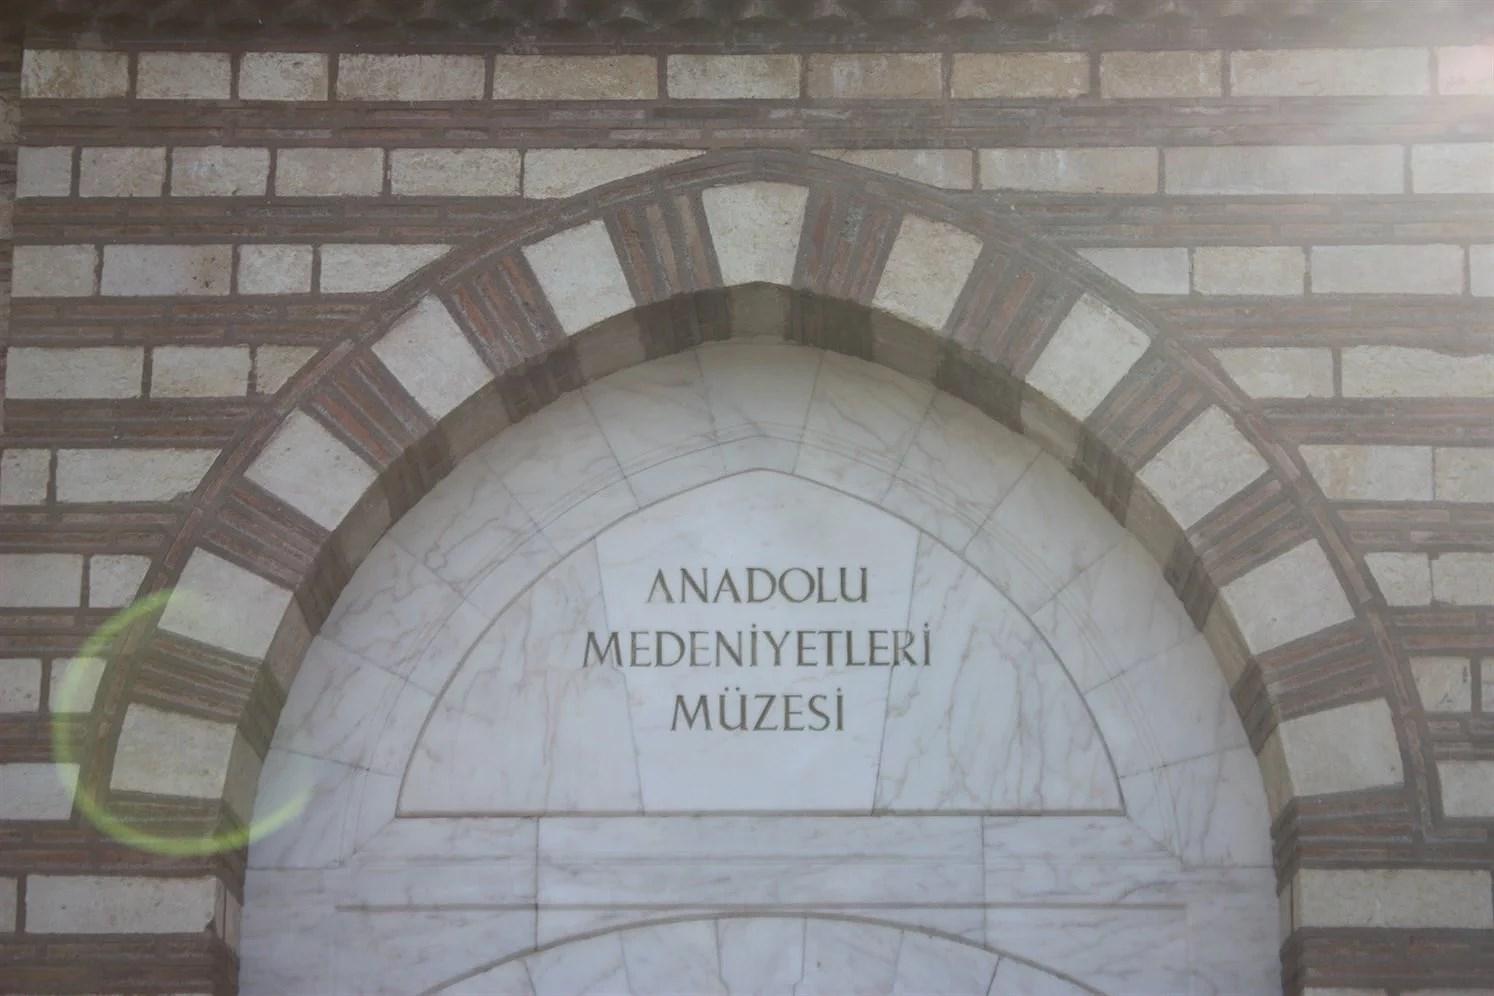 Ankara #Anadolu medeniyetleri müzesi